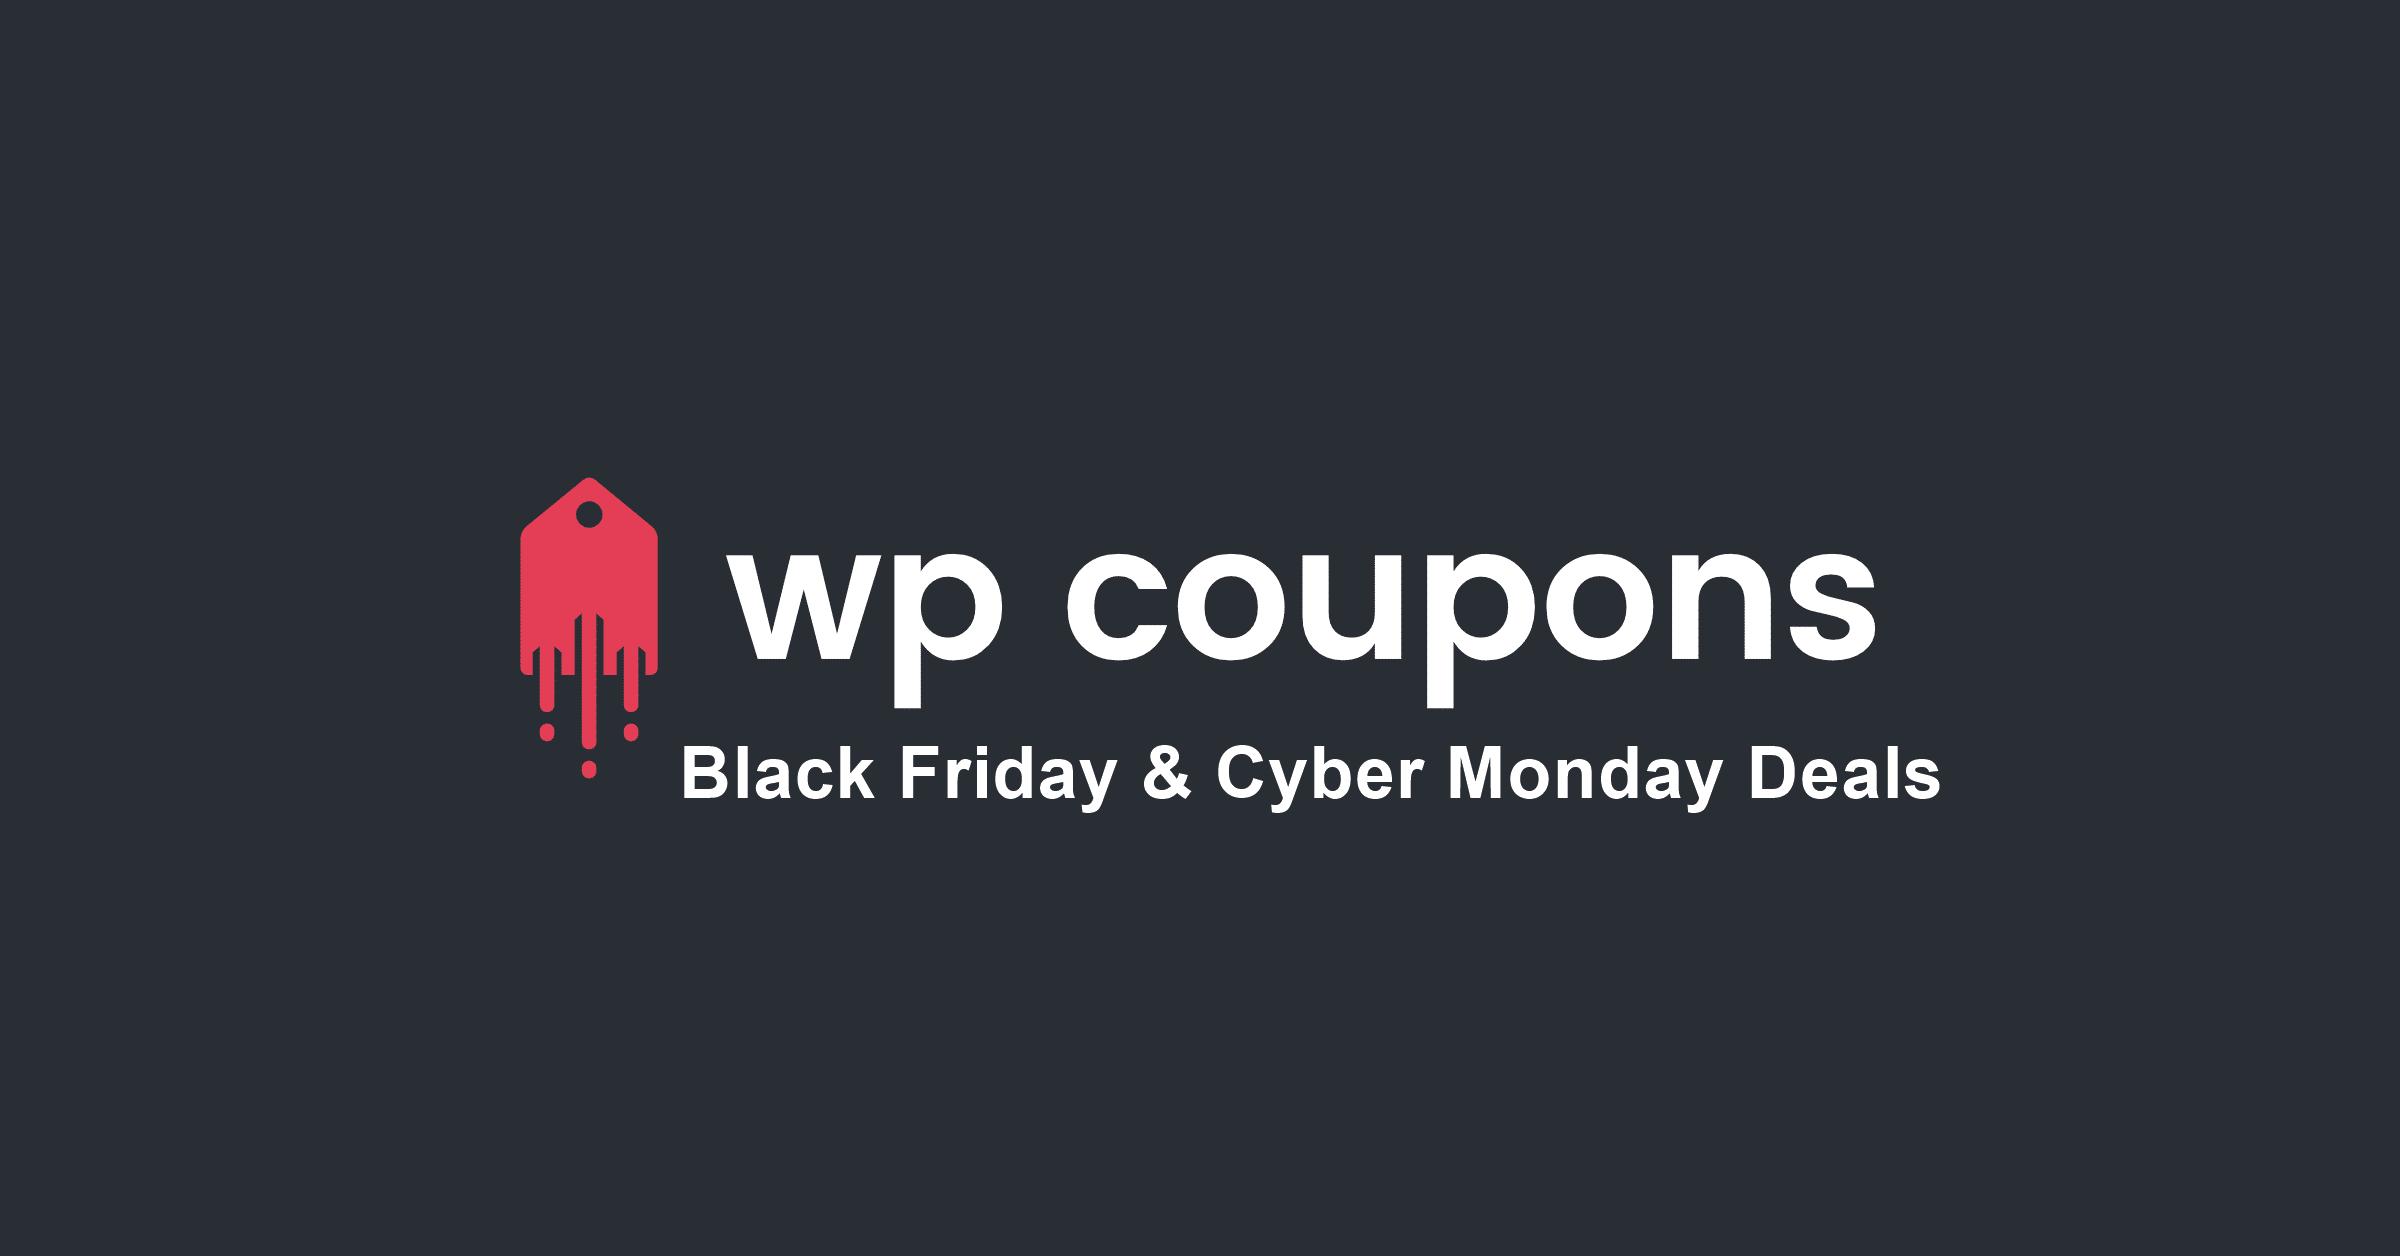 wp coupons black friday